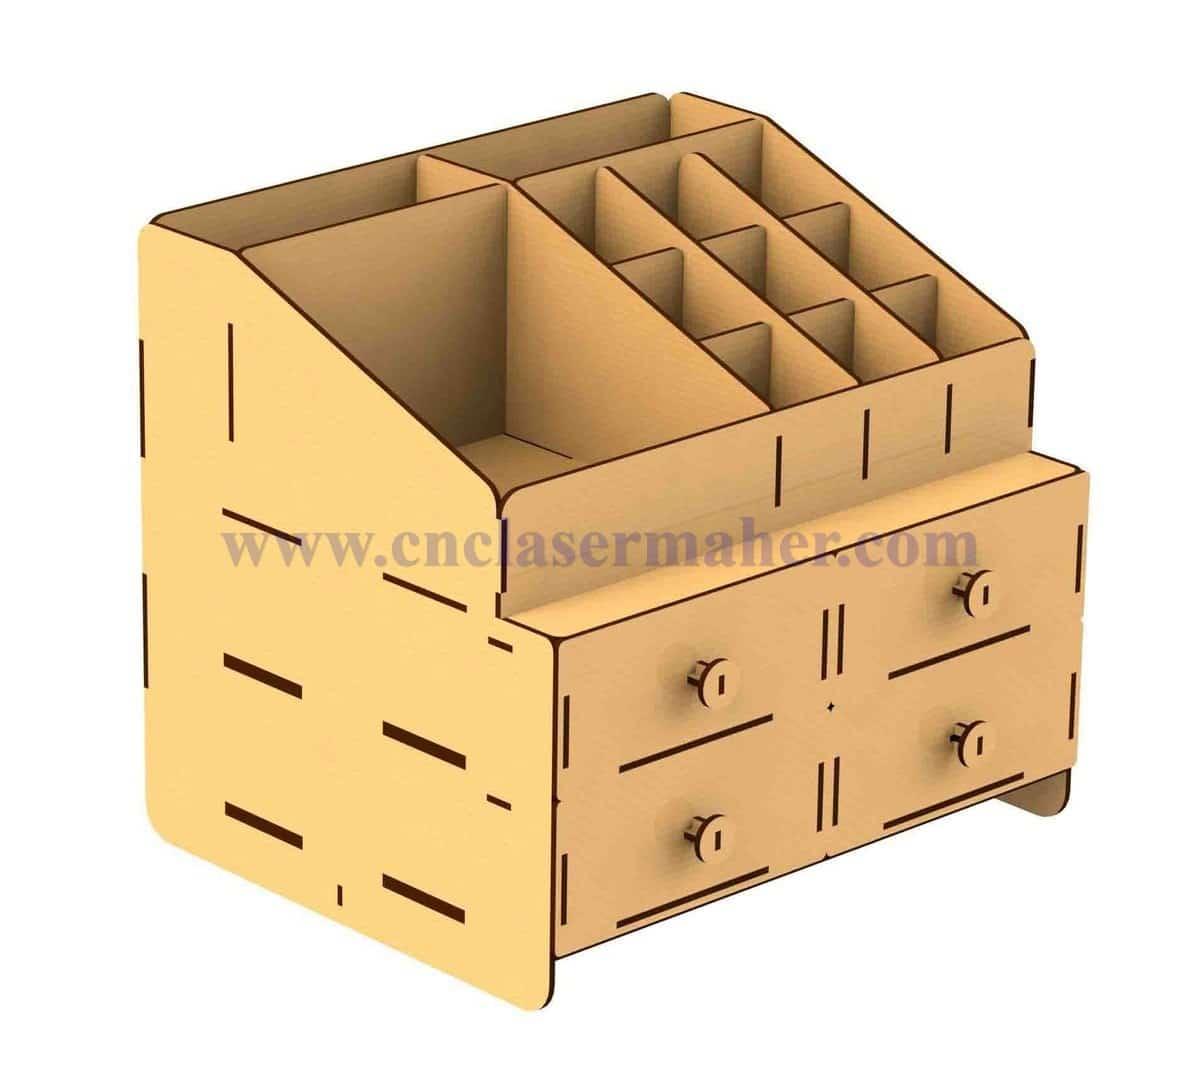 جعبه لوازم آرایشی رومیزی چوبی طرح لیزر 1143